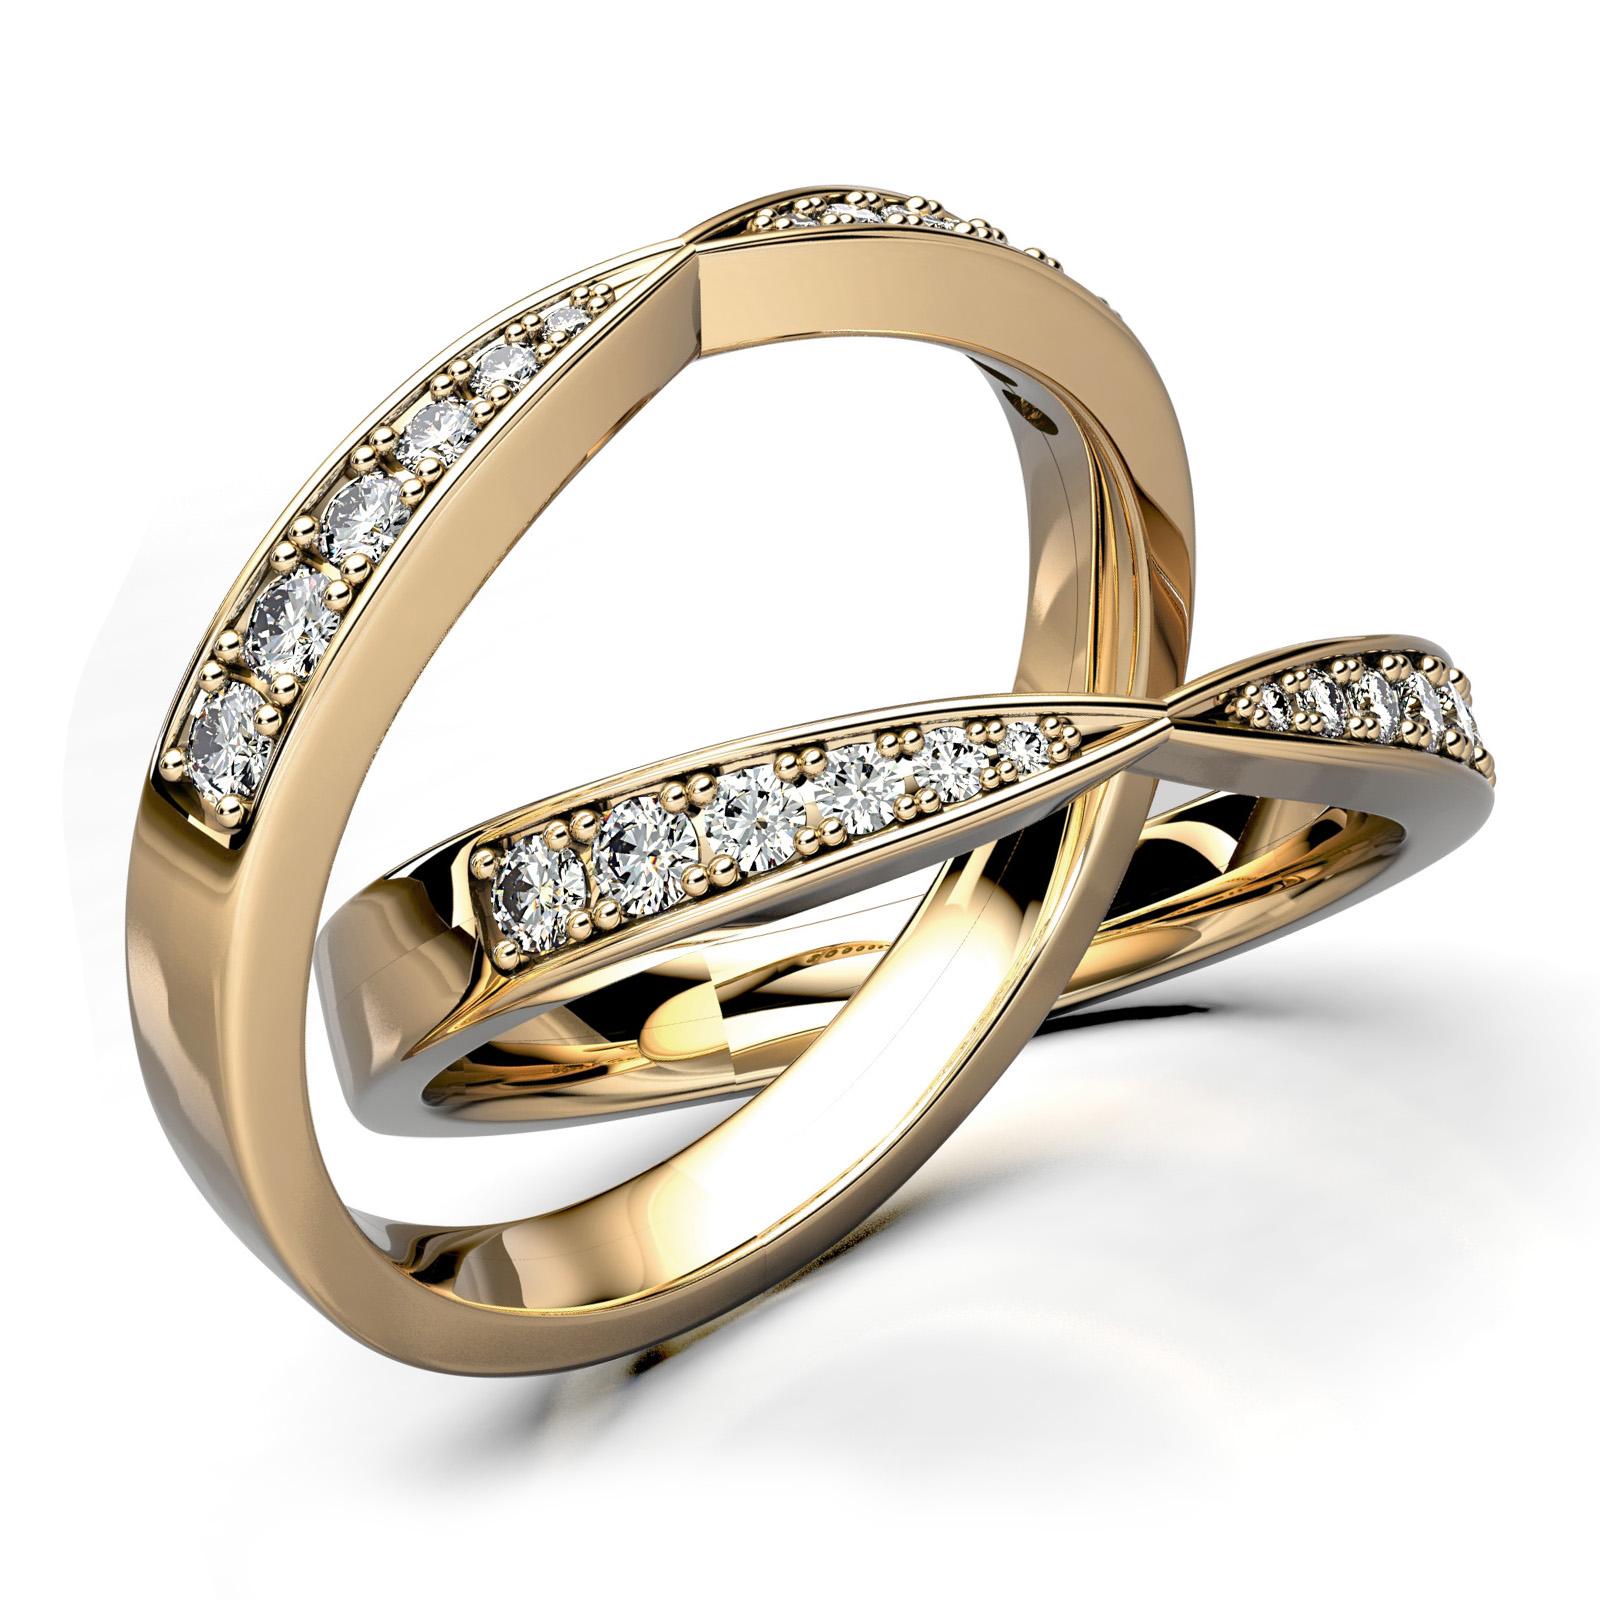 Mestergull Spennende ring med diamanter i forløp utviklet etter skisse fra kunde. Ringen er utført i gult gull 585 i massiv utførelse og fattet med 12 diamanter. Toalt 0,154 ct. HSI DESIGN STUDIO Spesialdesign Ring